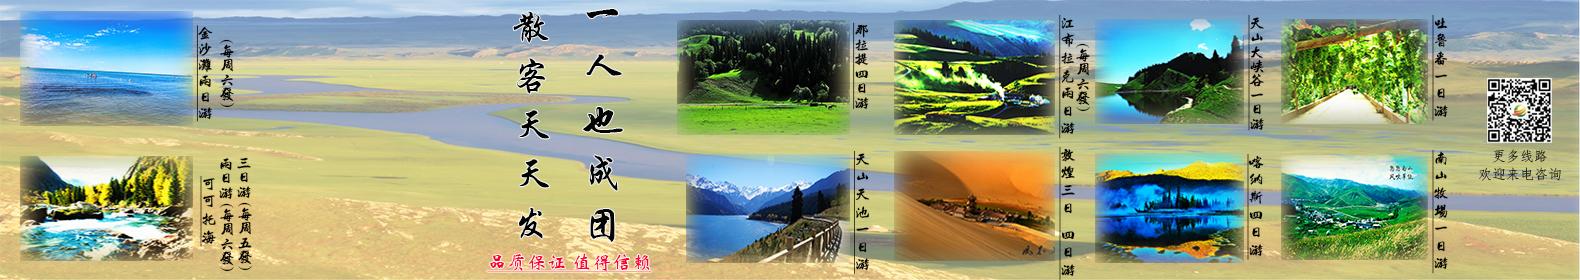 新疆散客线路集锦